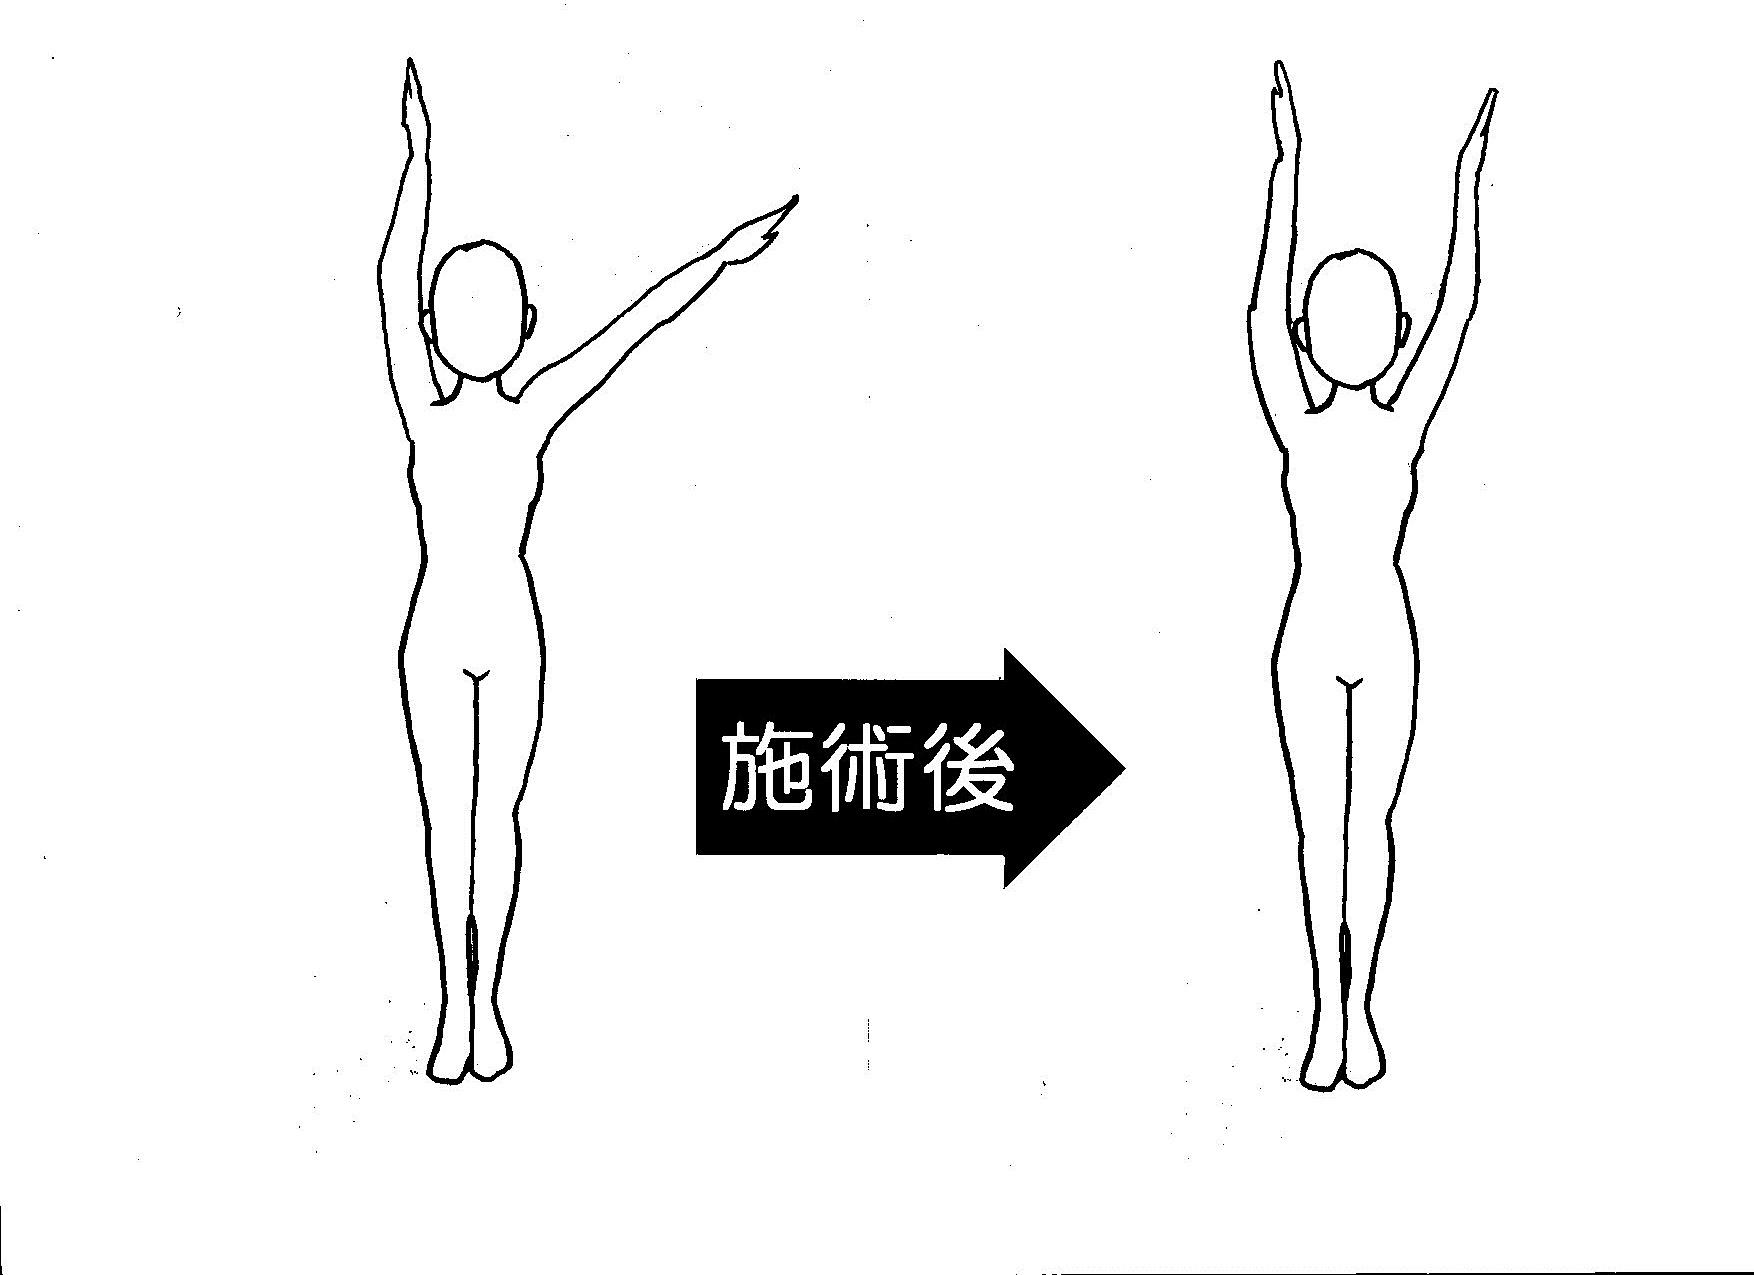 五十肩 左腕挙上の角度 5回目施術後